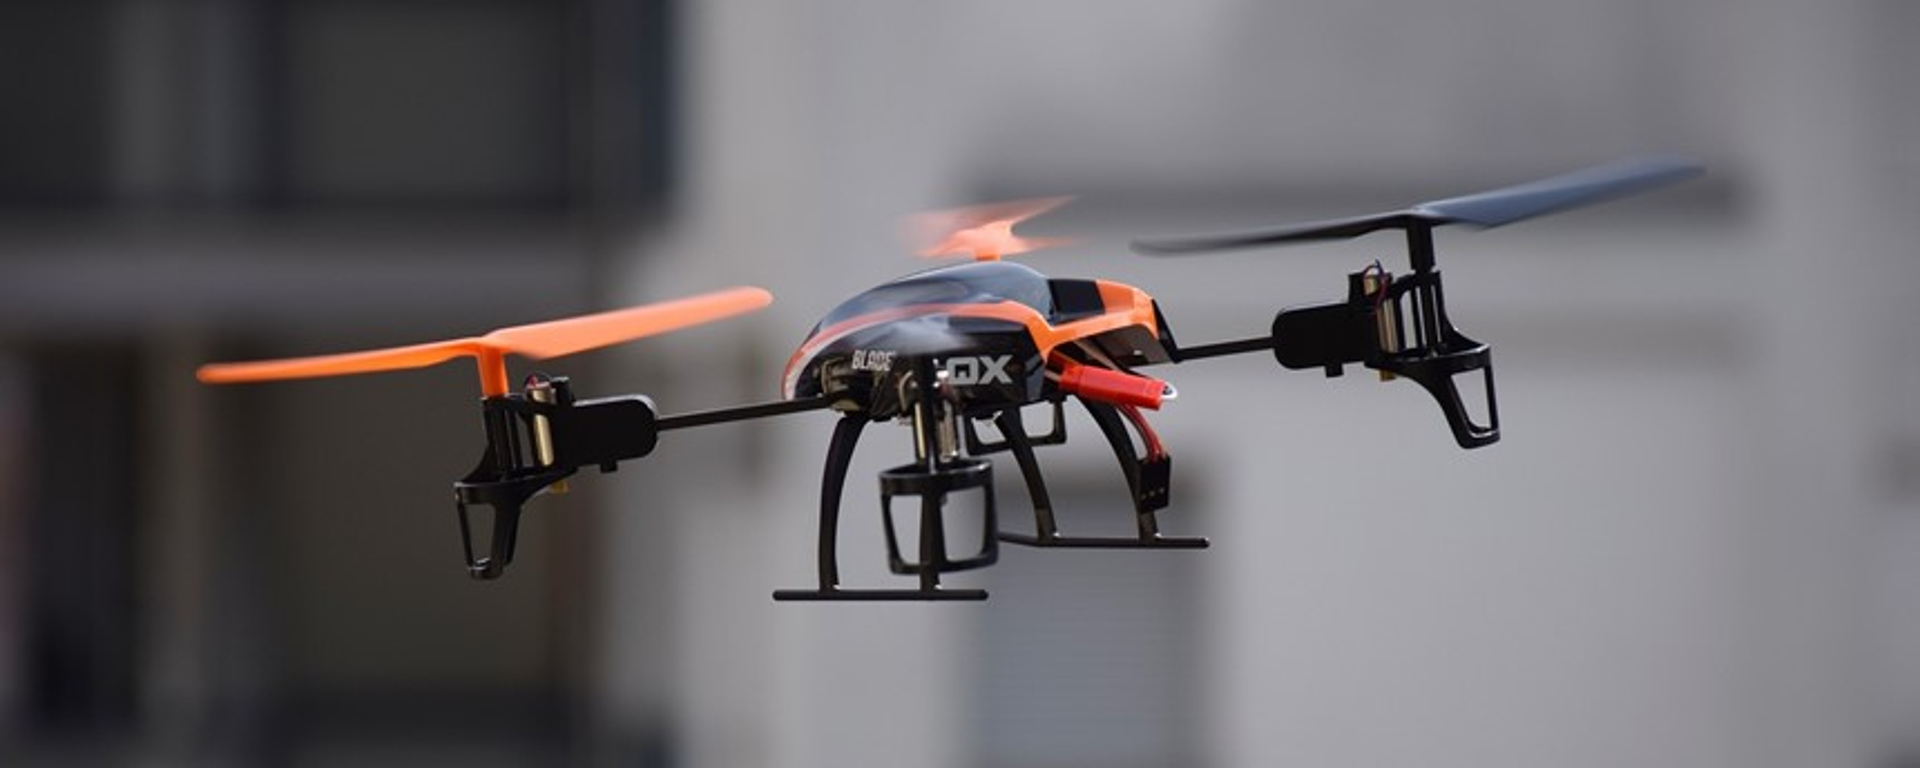 Curso online de pilotagem de drones é anunciado no Brasil